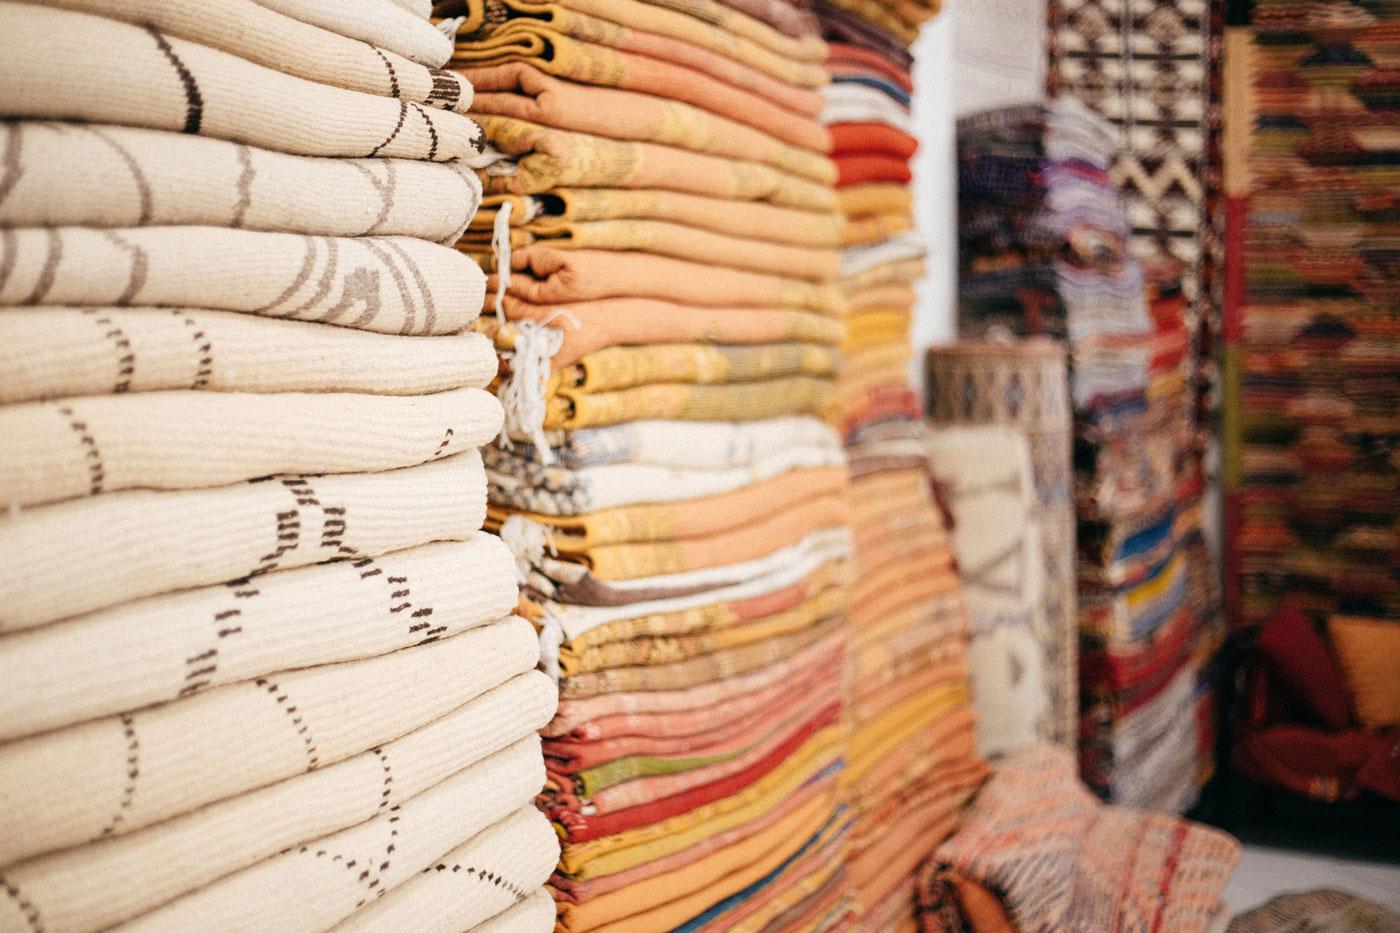 Импорт текстильных изделий в марте 2021 года вырос на 23,5%